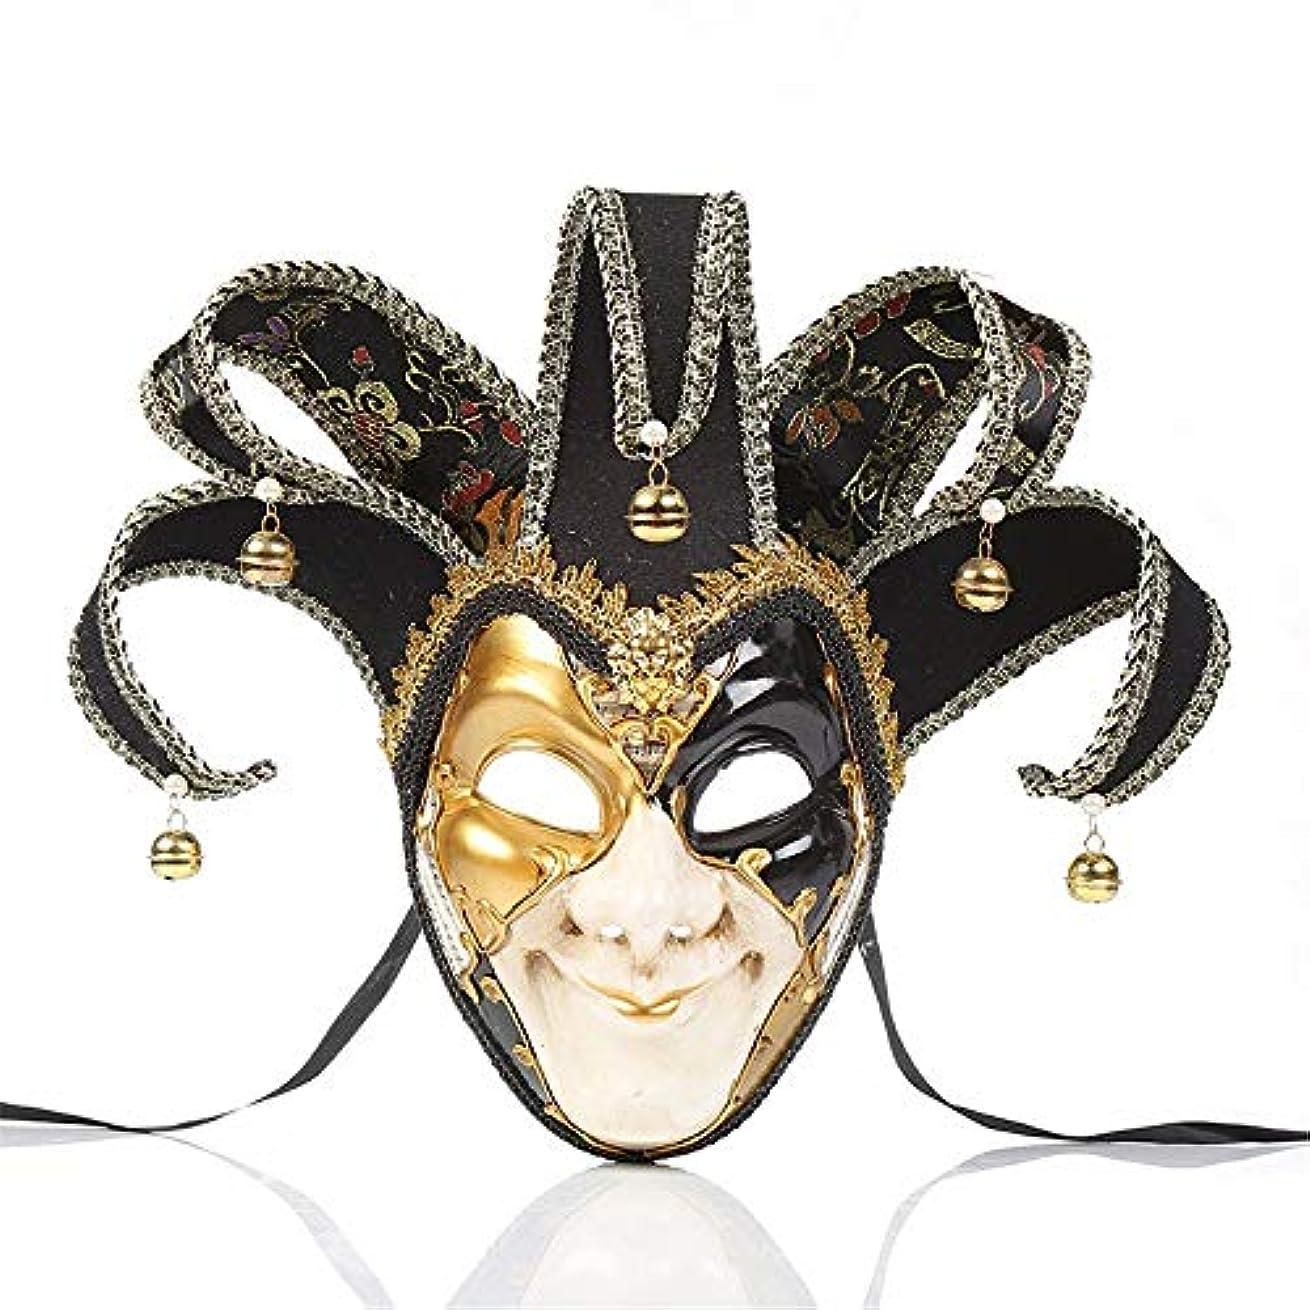 もう一度じゃない未使用ダンスマスク ピエロマスクハロウィーンパフォーマンスパフォーマンス仮面舞踏会雰囲気用品祭りロールプレイングプラスチックマスク ホリデーパーティー用品 (色 : ブラック, サイズ : 39x33cm)